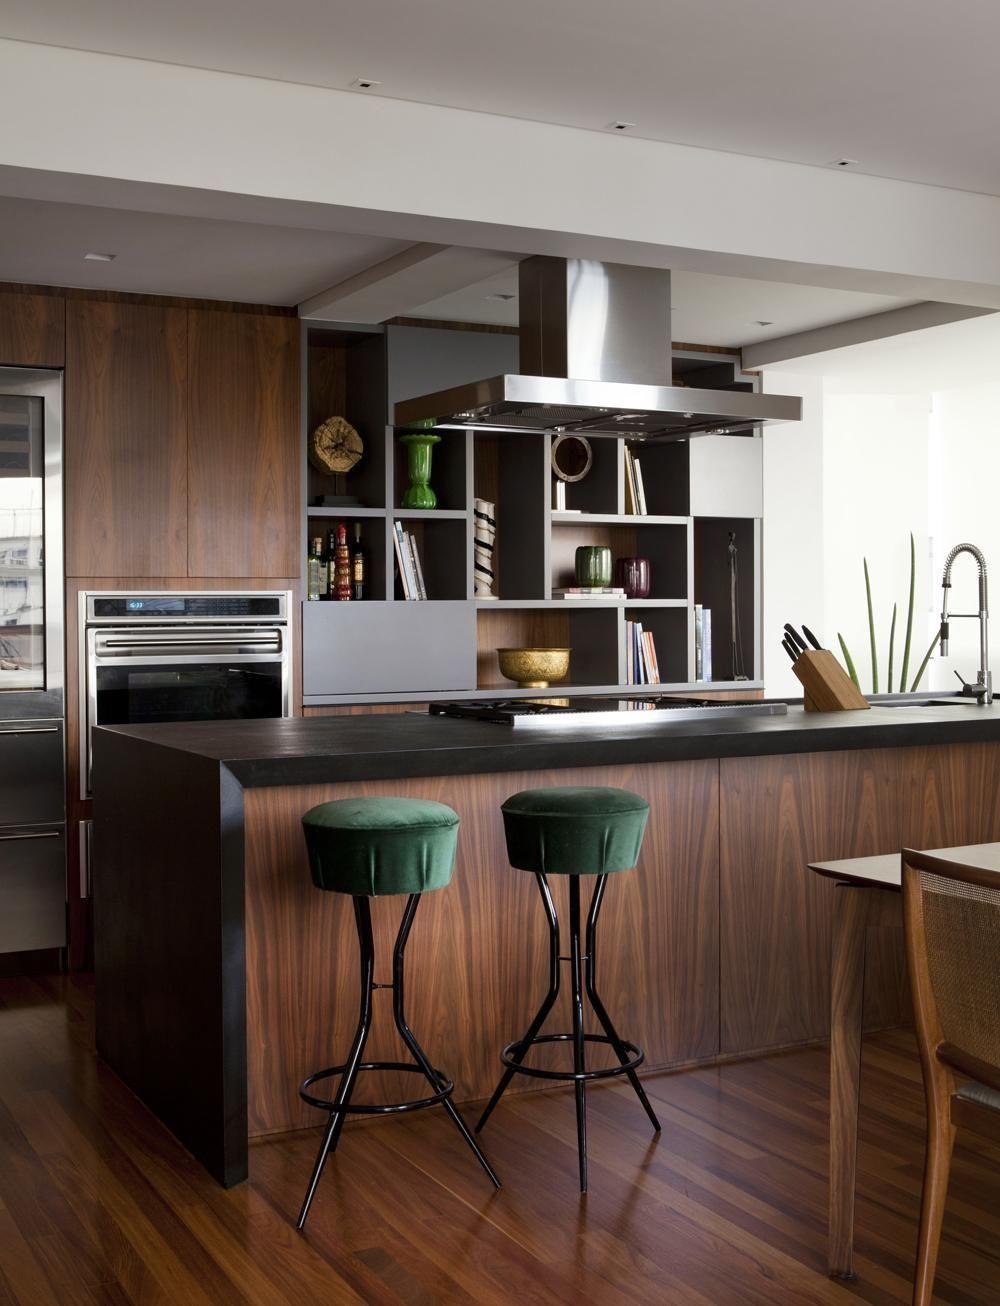 Outros Ambientes De Messa Penna Arquitetura E Interiores 24184 No